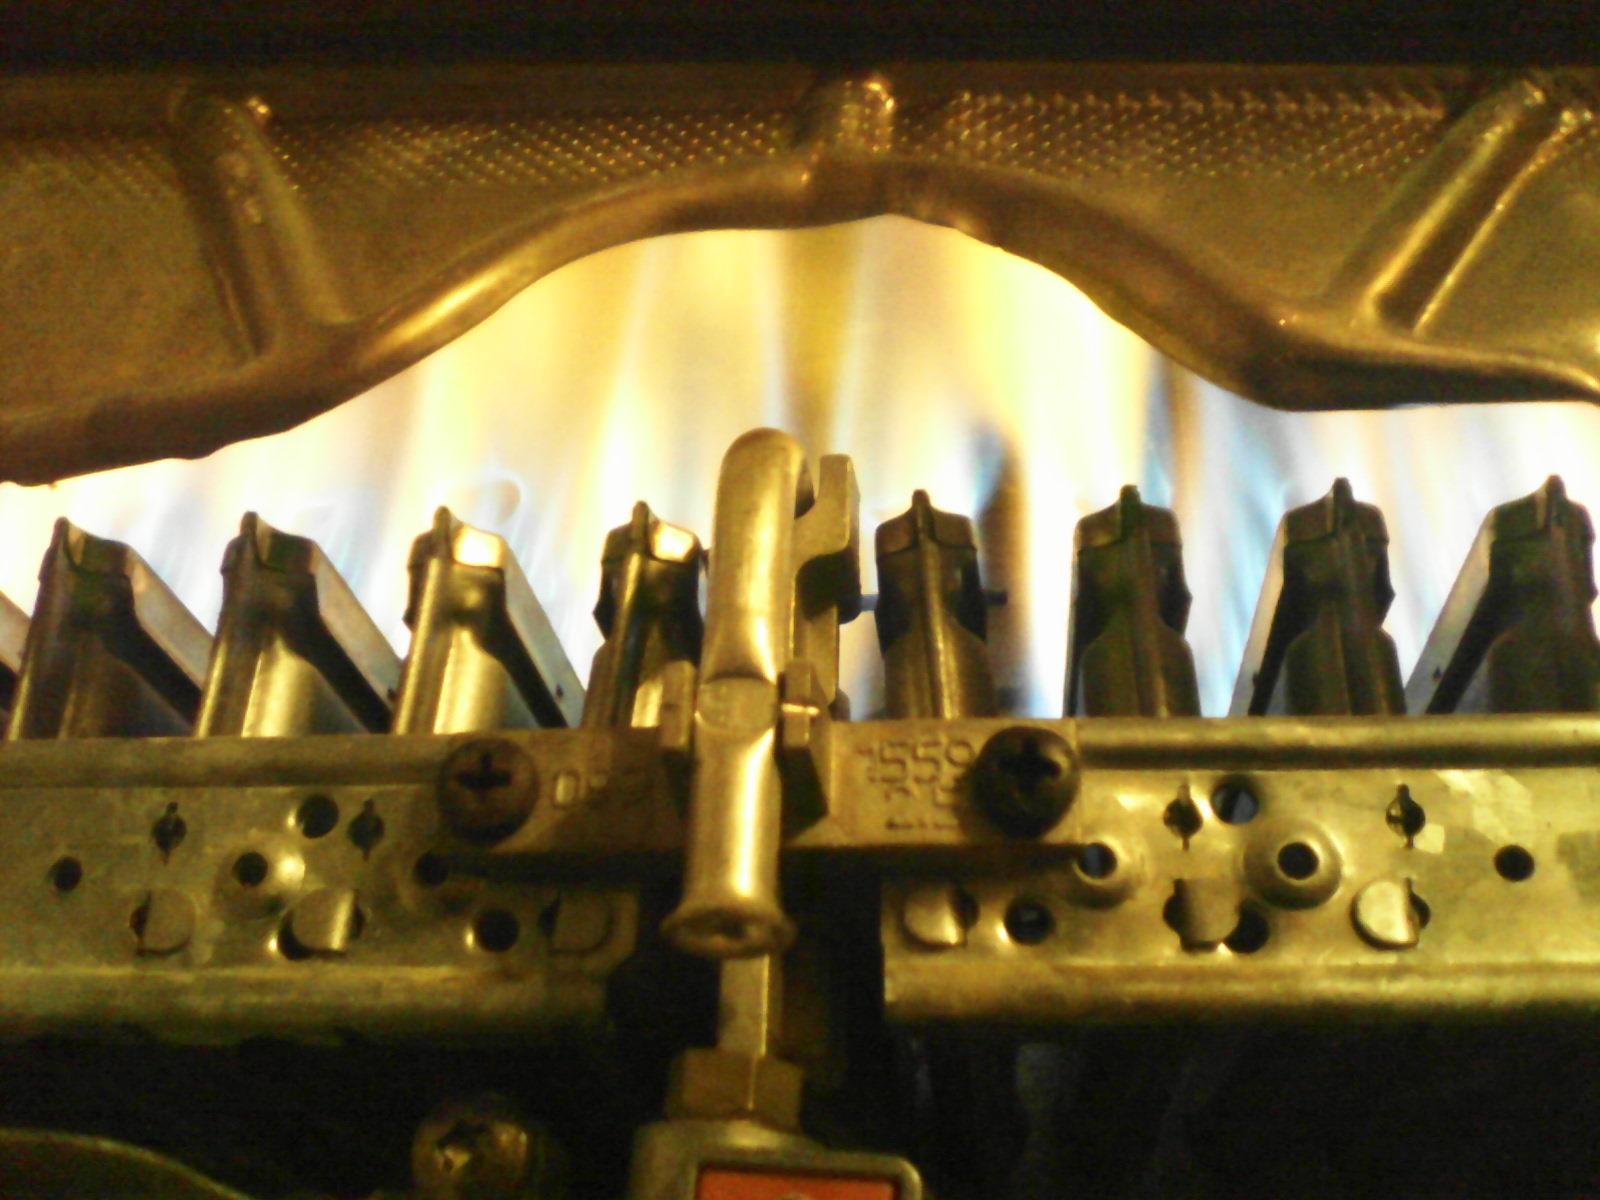 Ремонт газовых колонок мора своими руками